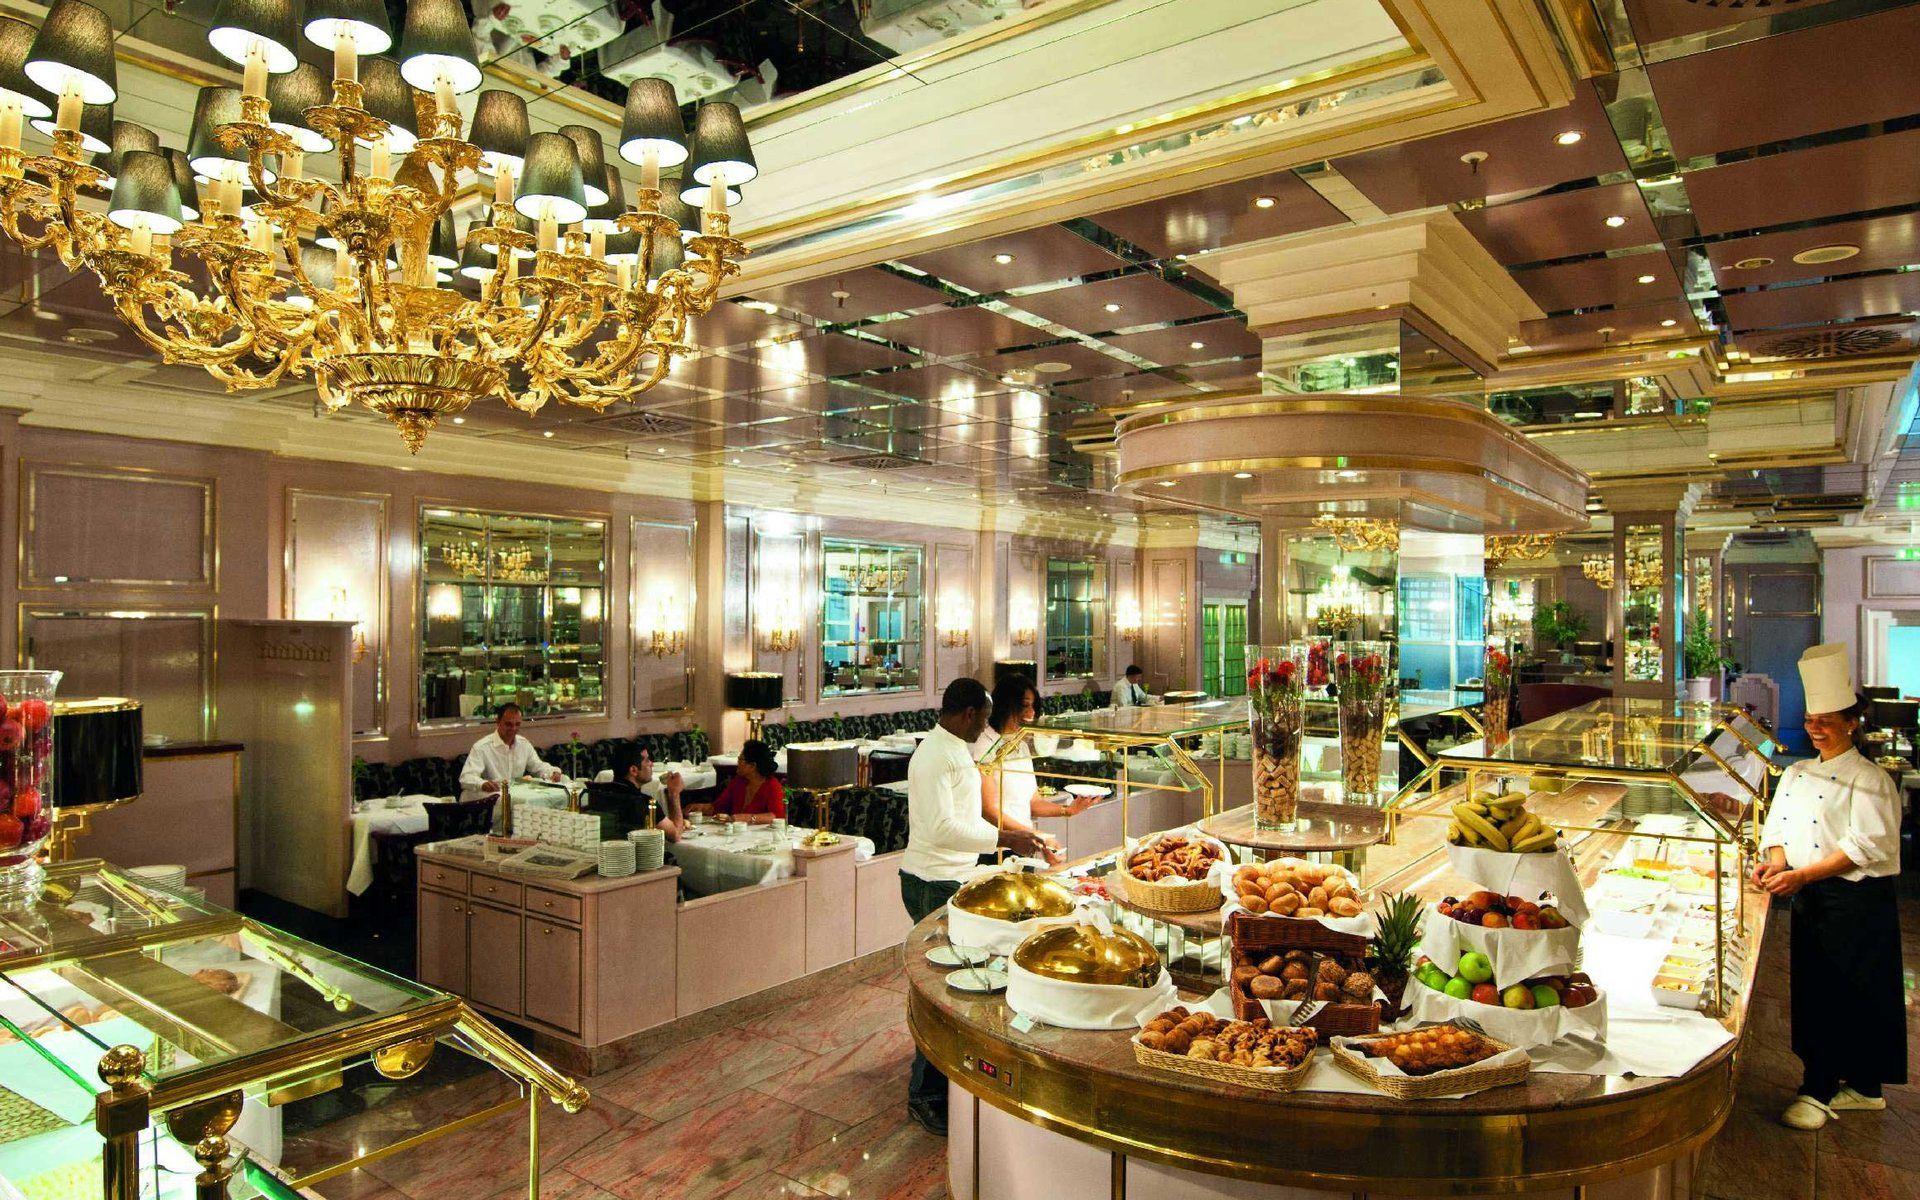 Wohnen Im Hotel München restaurant rôtisserie maritim hotel münchen need to get here